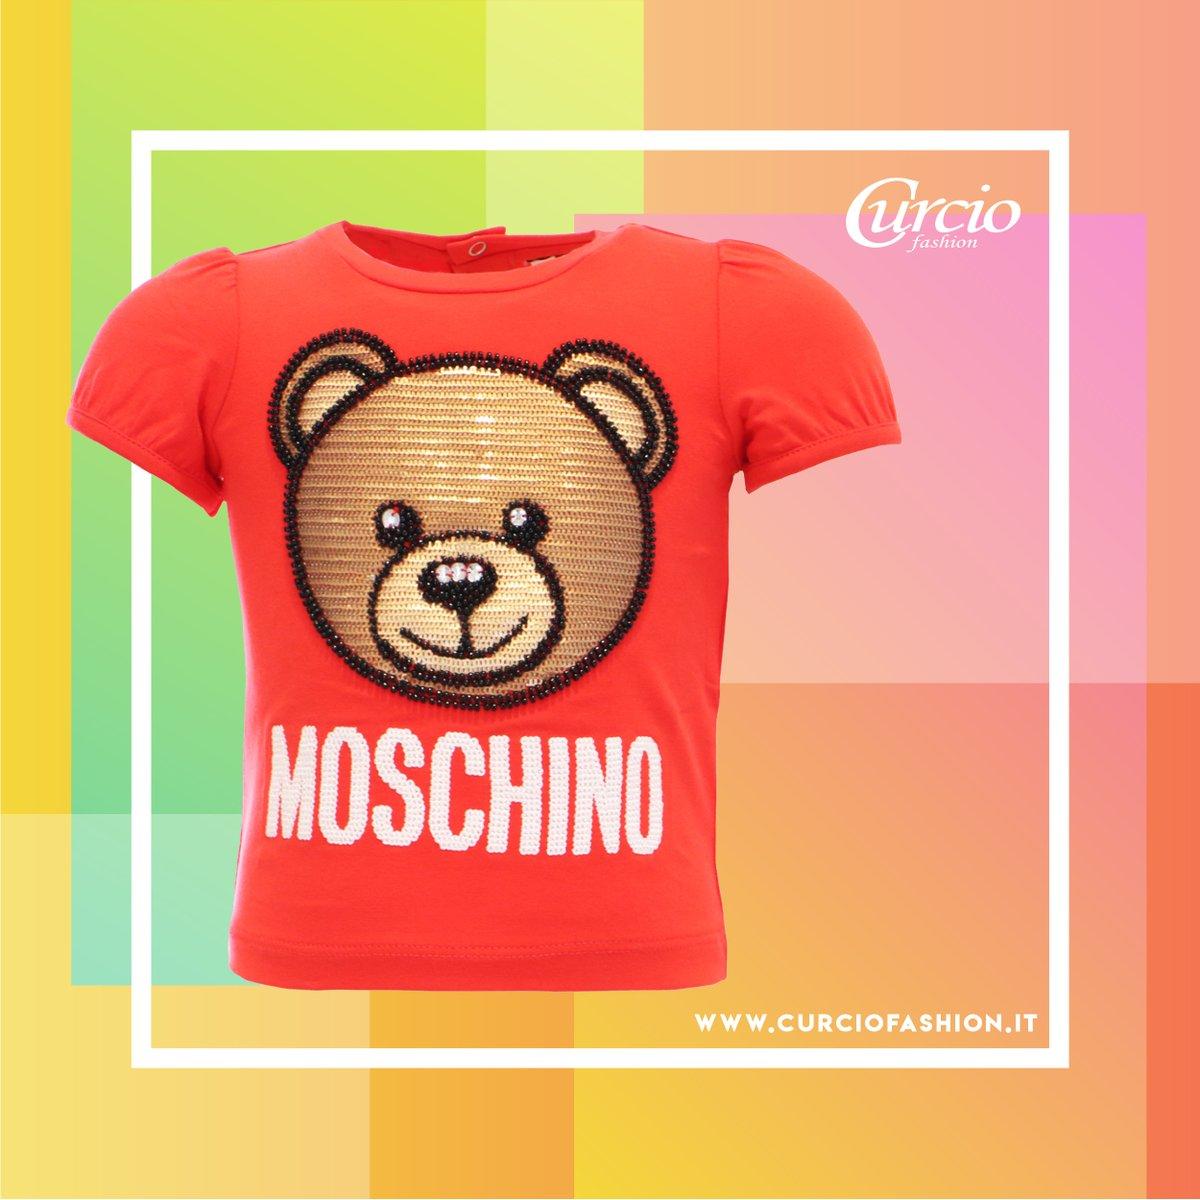 𝐓-𝐒𝐡𝐢𝐫𝐭 mezza manica per bimba della linea 𝐌𝐨𝐬𝐜𝐡𝐢𝐧𝐨 𝐁𝐚𝐛𝐲   Acquista con un click sul nostro Store Online https://curciofashion.it/product/t-shirt-bimba-con-paillettes-moschino/…  #moschino #lovemoschino #CurcioFashion #babyfashion #kidsmodel #kidsofinstagram #baby #instakidspic.twitter.com/N78eQ9XJhF